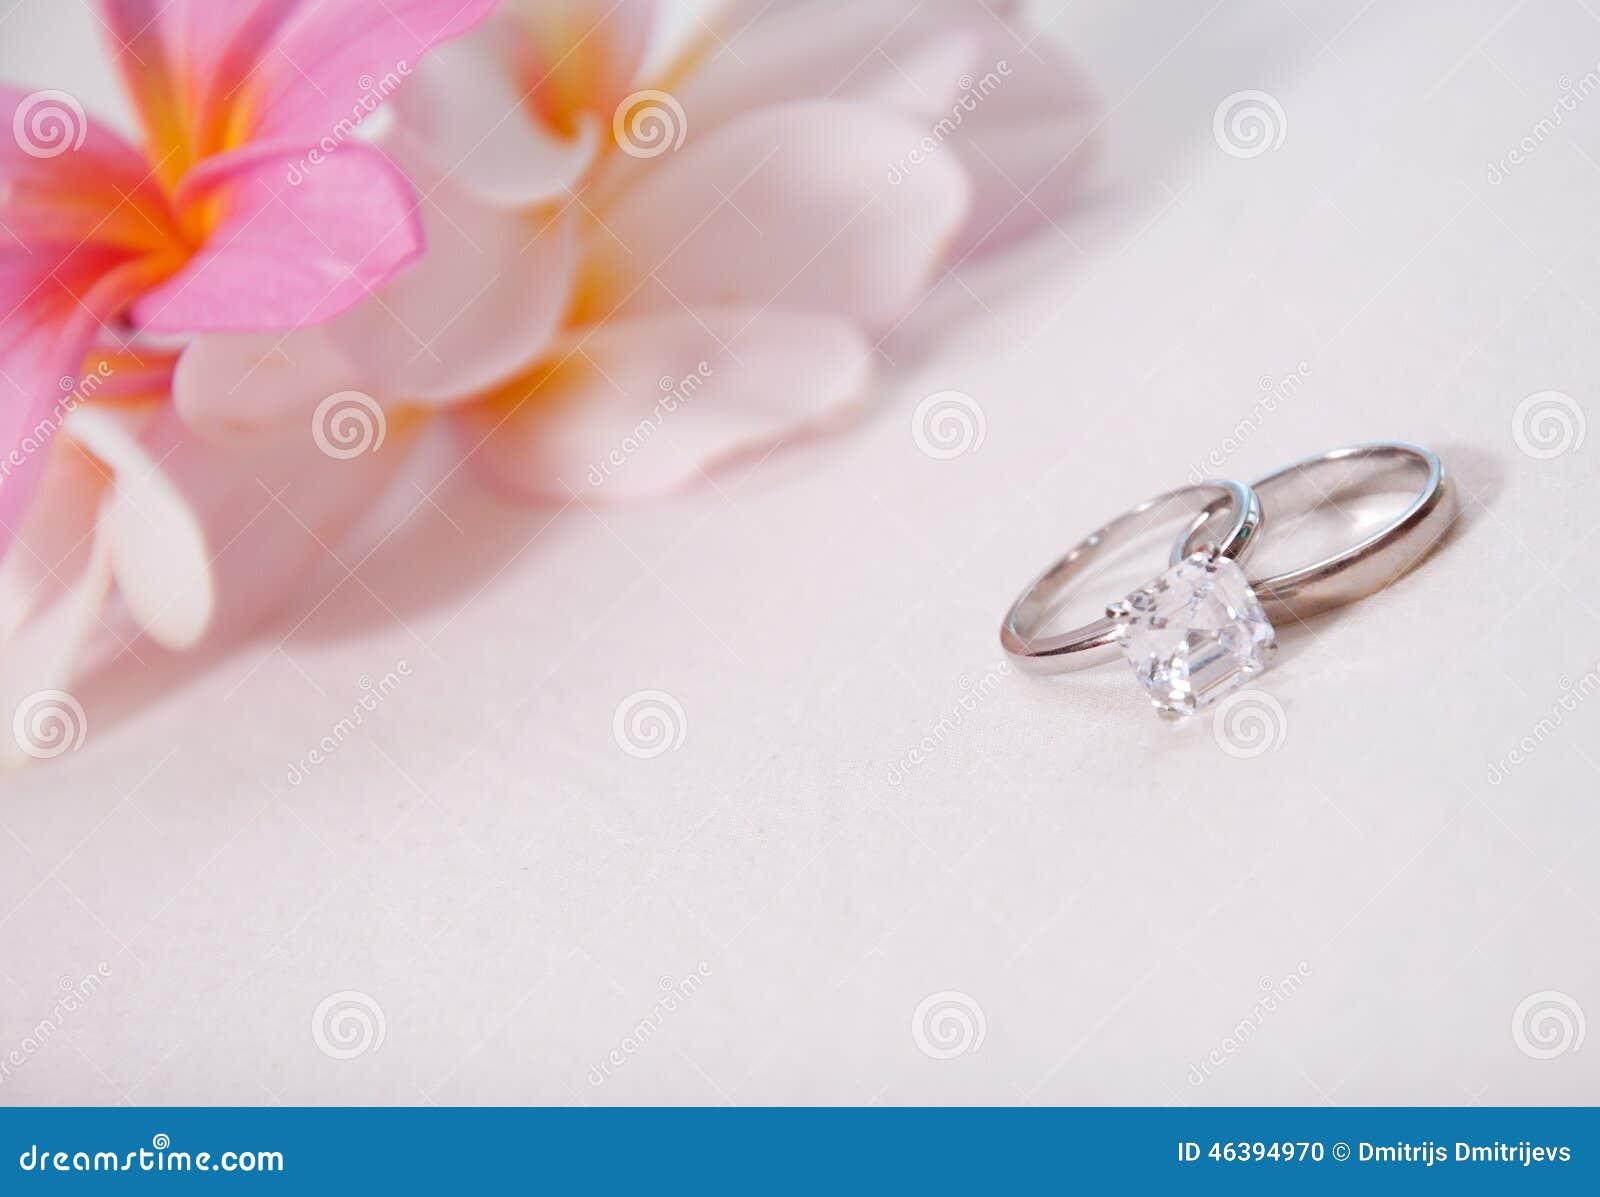 Photo de deux anneaux de mariage devant les fleurs tropicales.